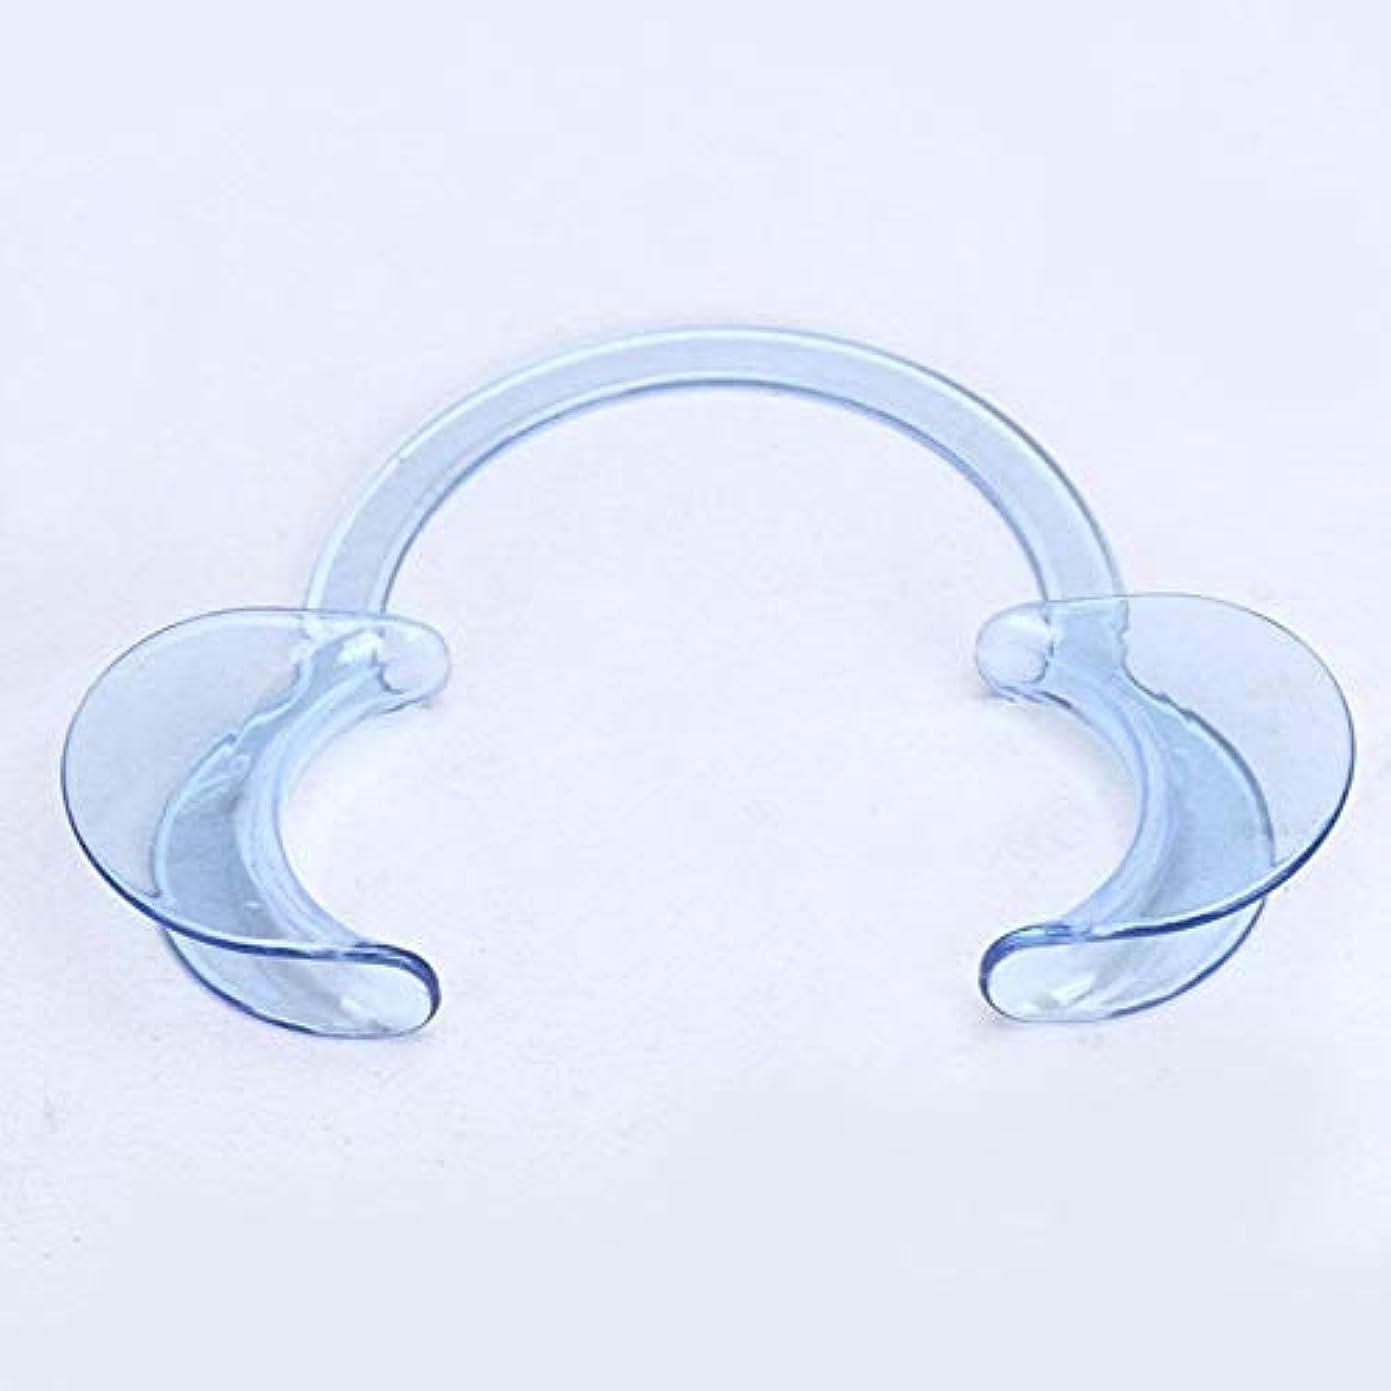 標高時刻表ドラゴンDC パック 歯科 C型 開口器 口オープナー マウスオープナー 開口マウスオープナー C型ホワイトニング口の開創器